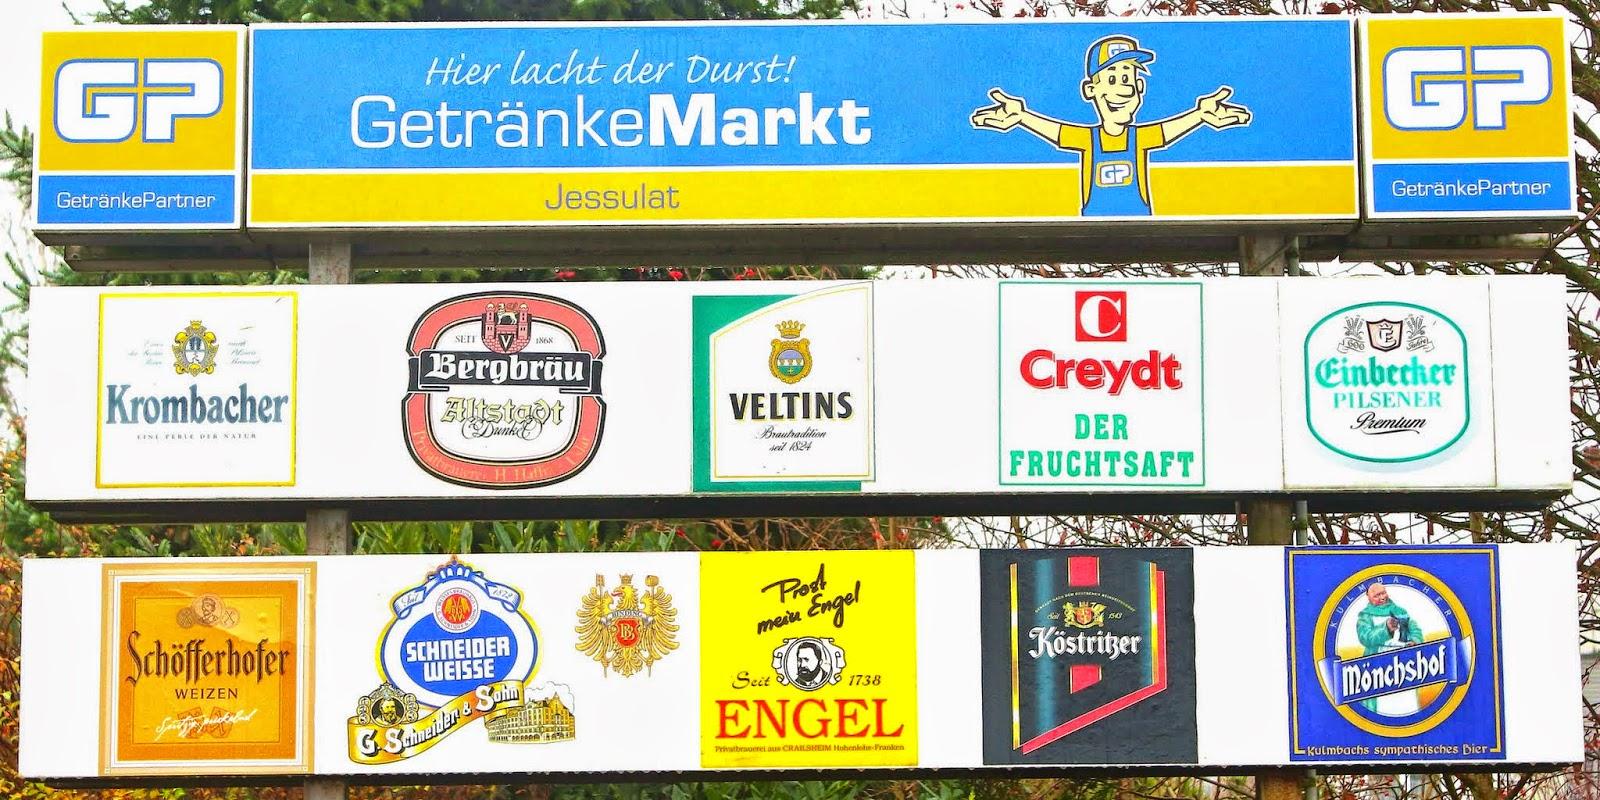 Herzberg - la Esperanto-urbo!: DPD Paketshop - Jessulat Getränke ...